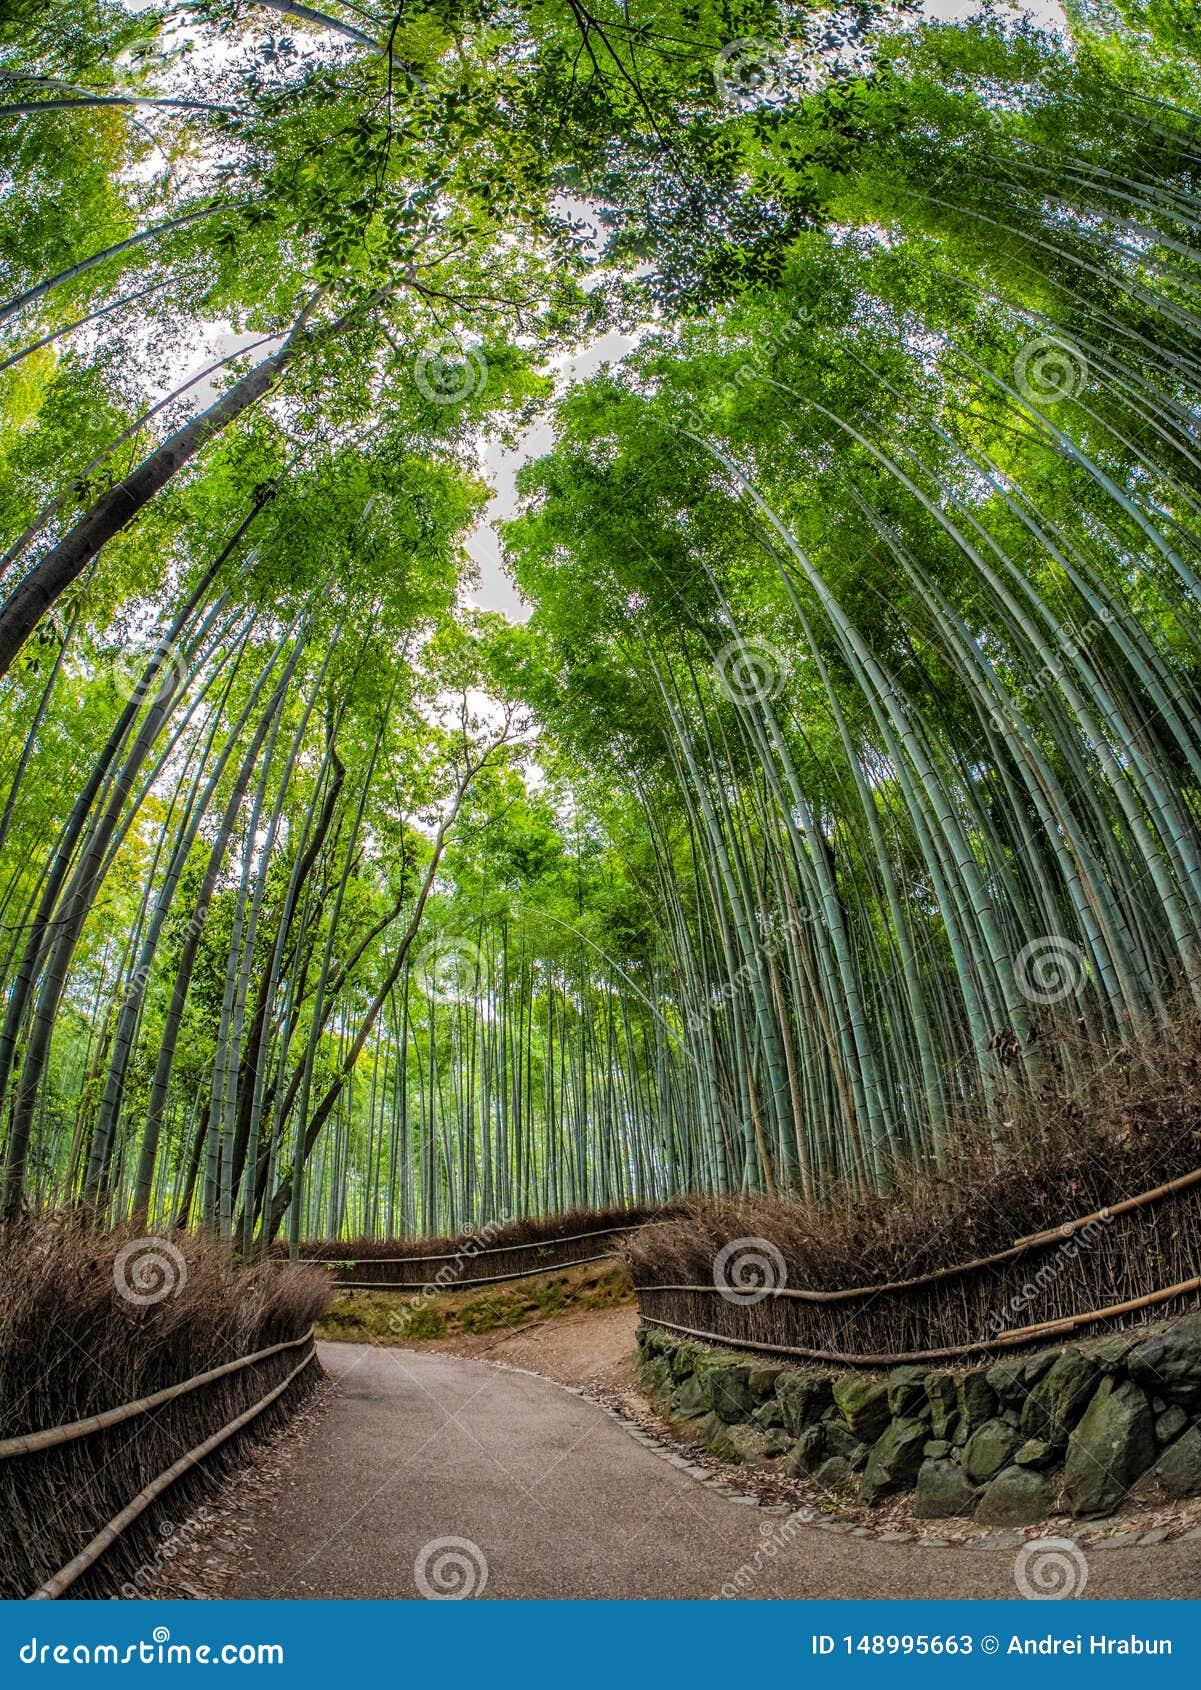 Trayectoria al bosque de bamb?, Arashiyama, Kyoto, Jap?n